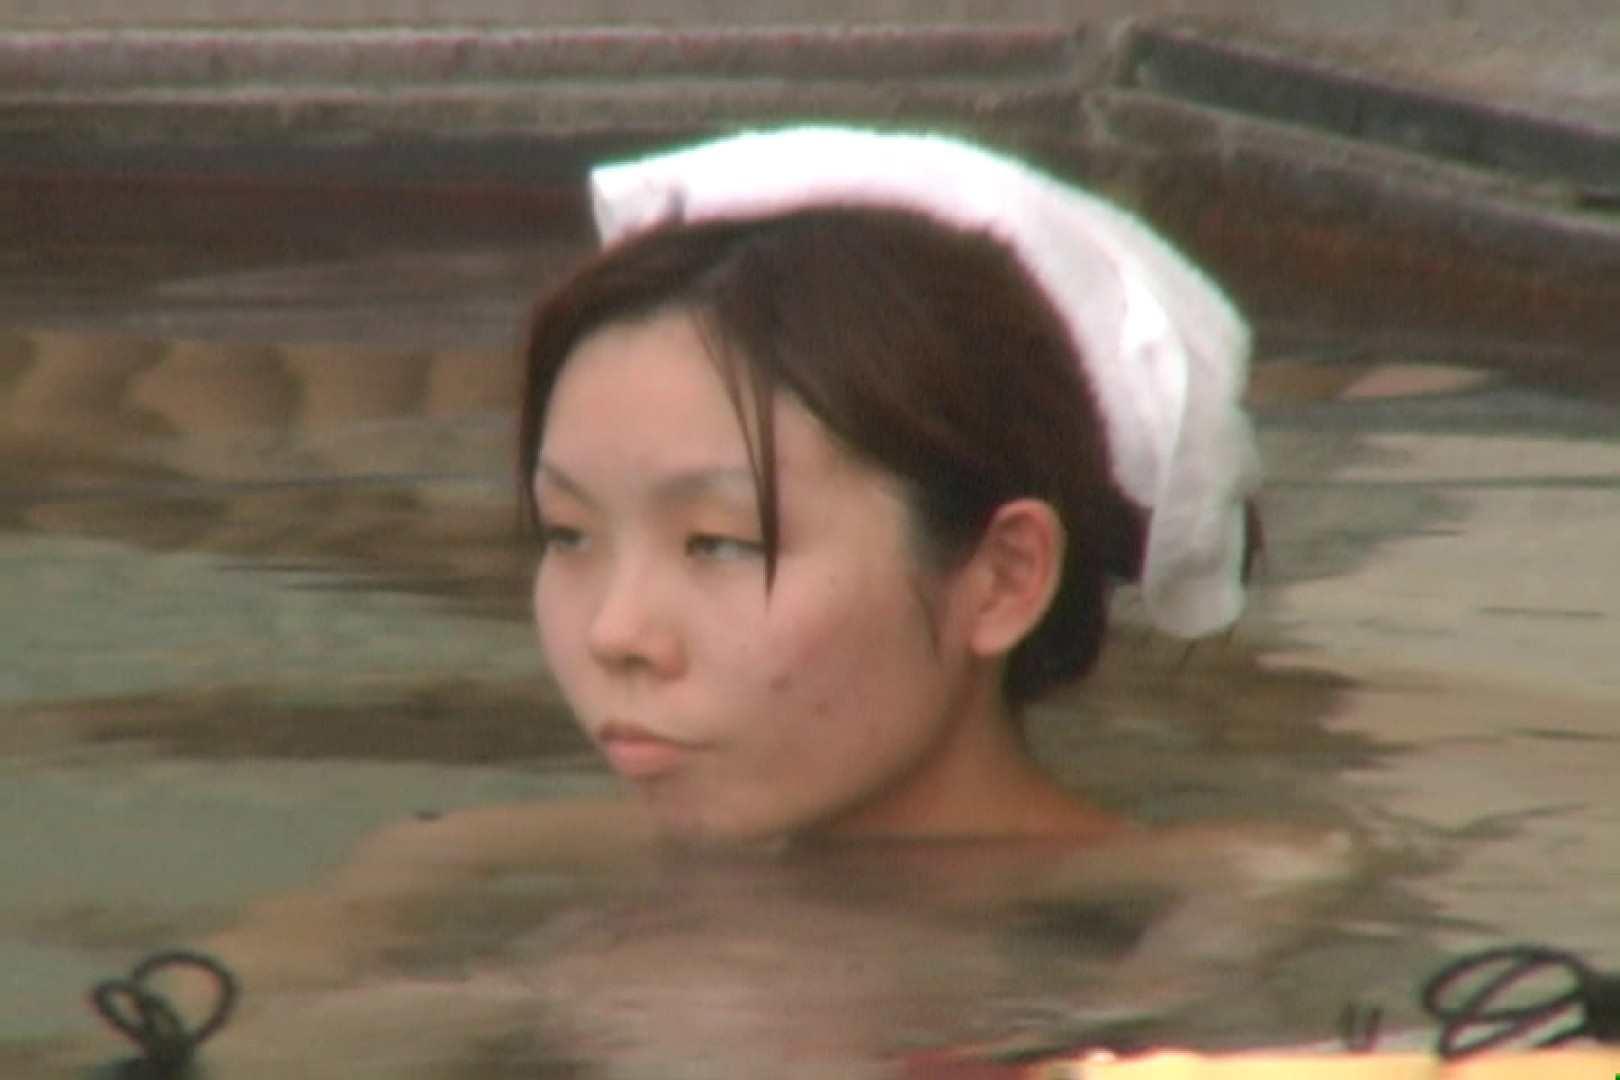 Aquaな露天風呂Vol.580 盗撮師作品 | 美しいOLの裸体  98pic 73